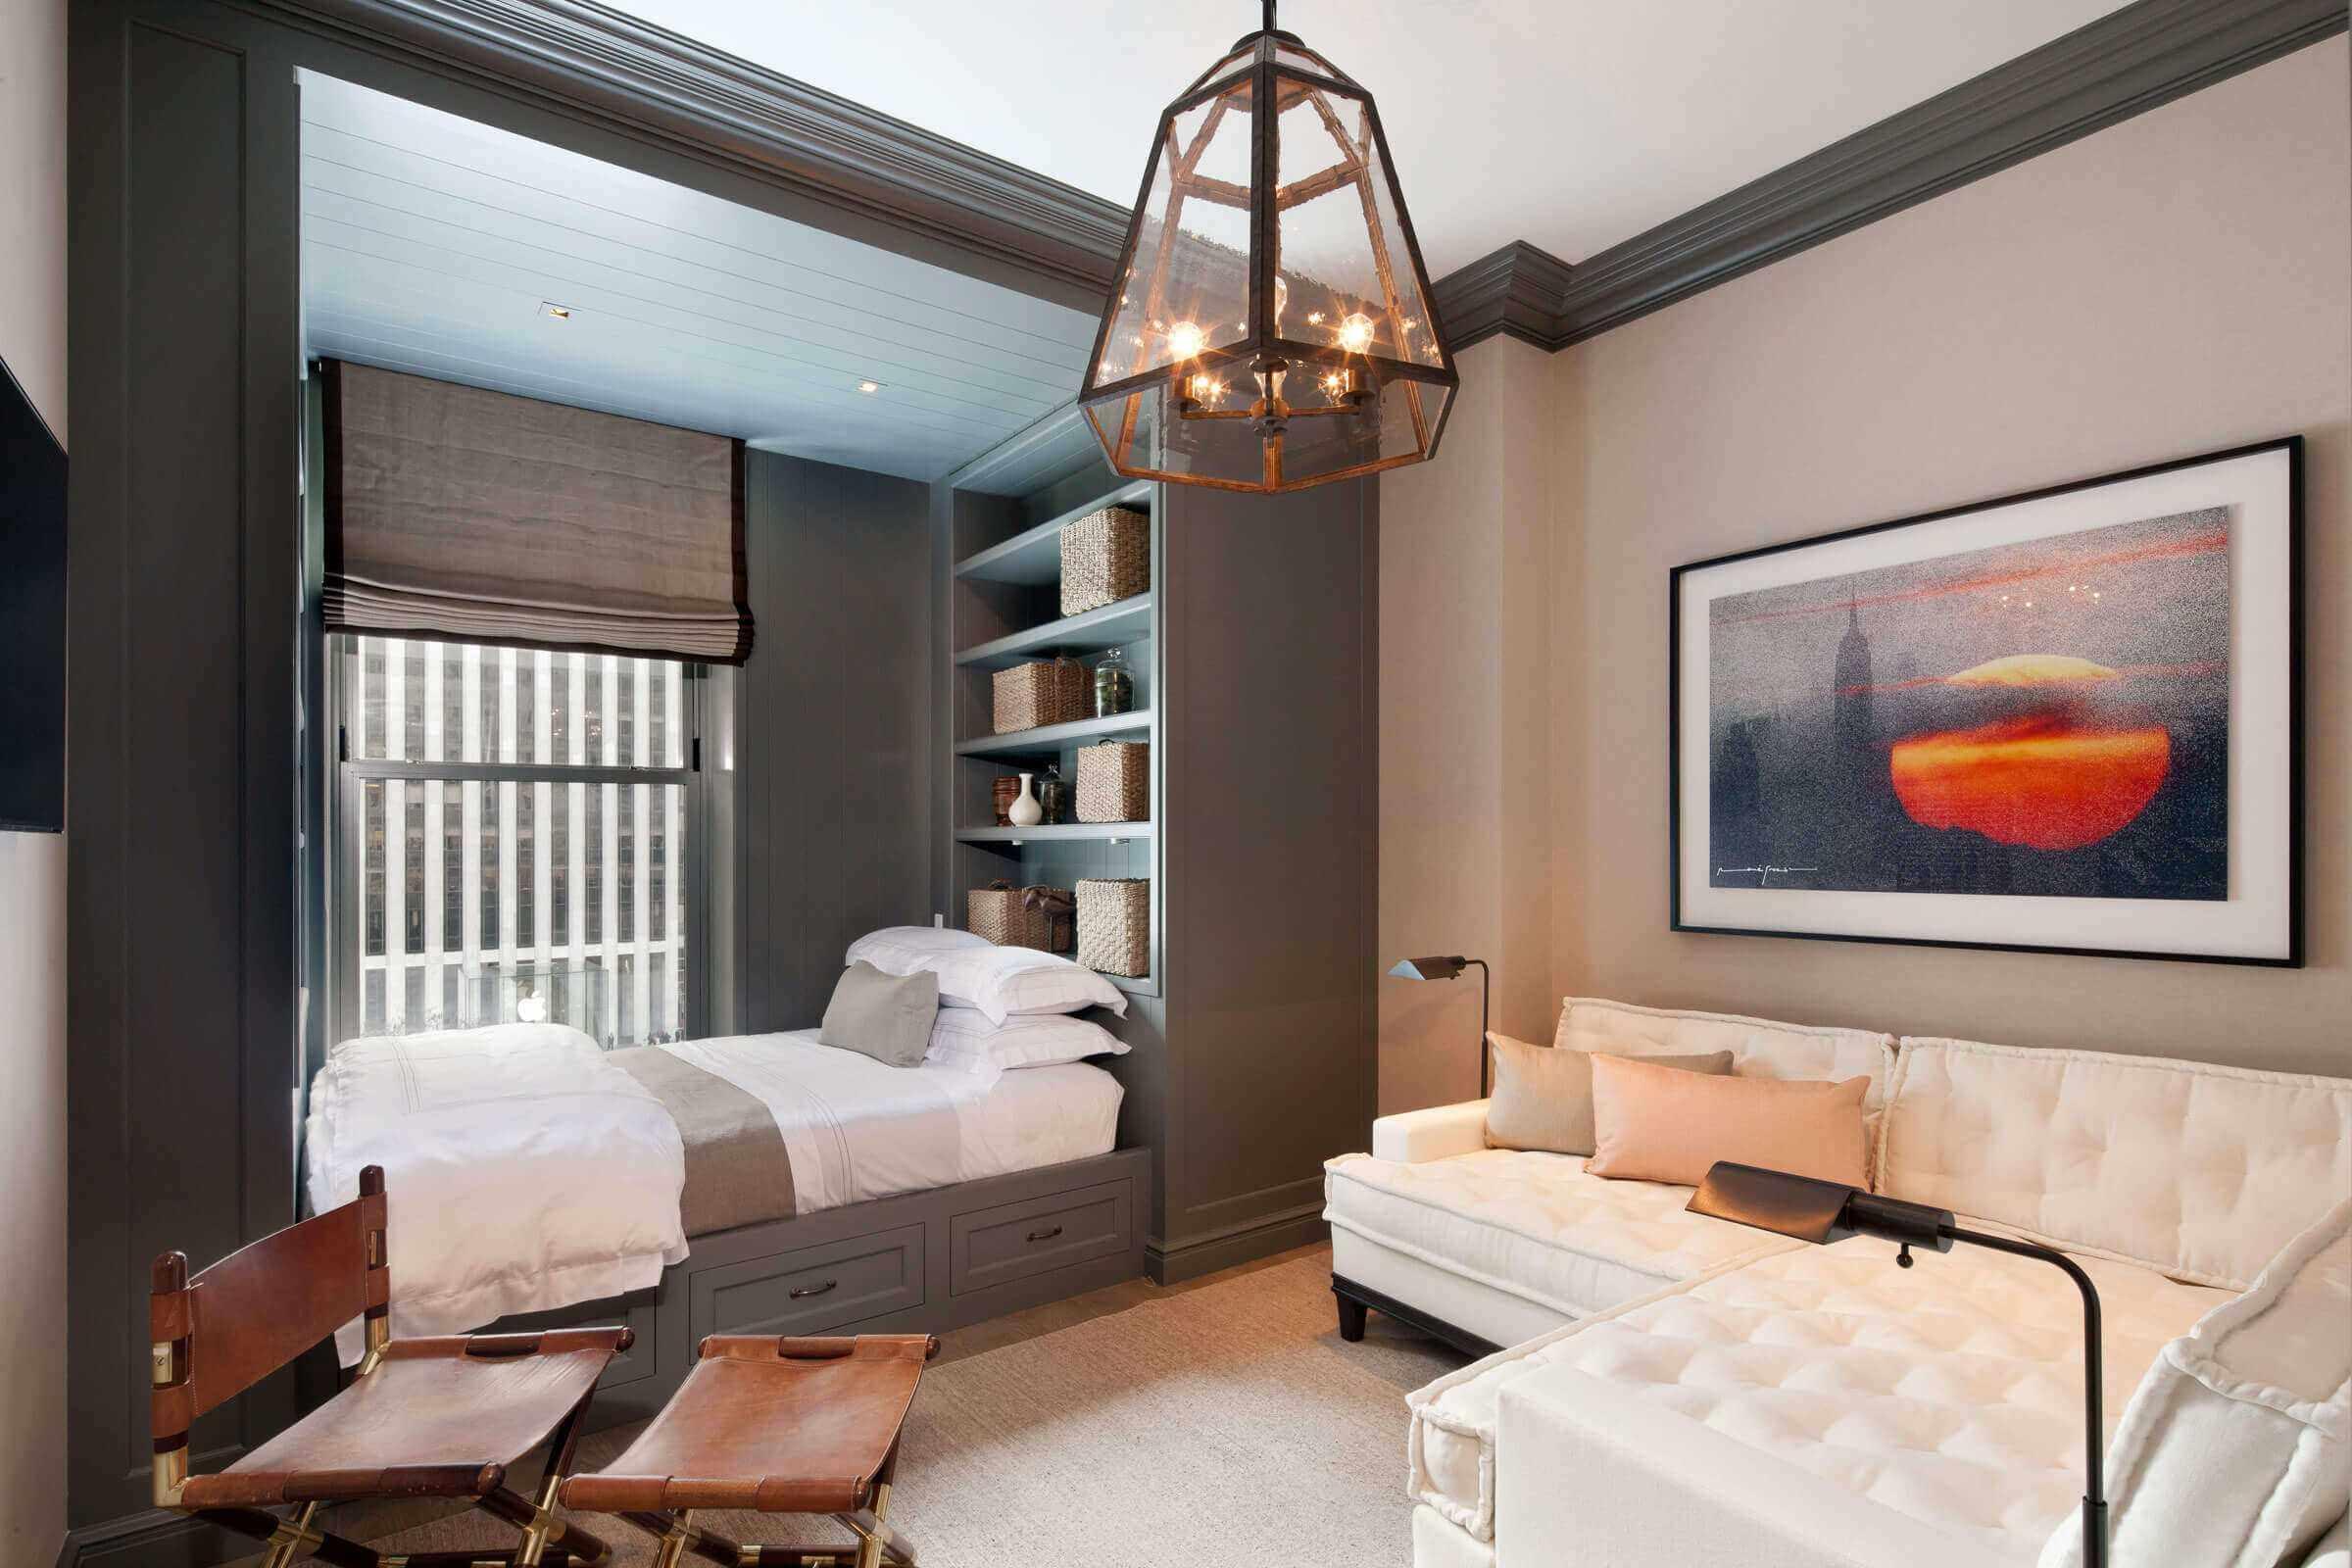 Un exemple de design lumineux d'un salon de 25 m²